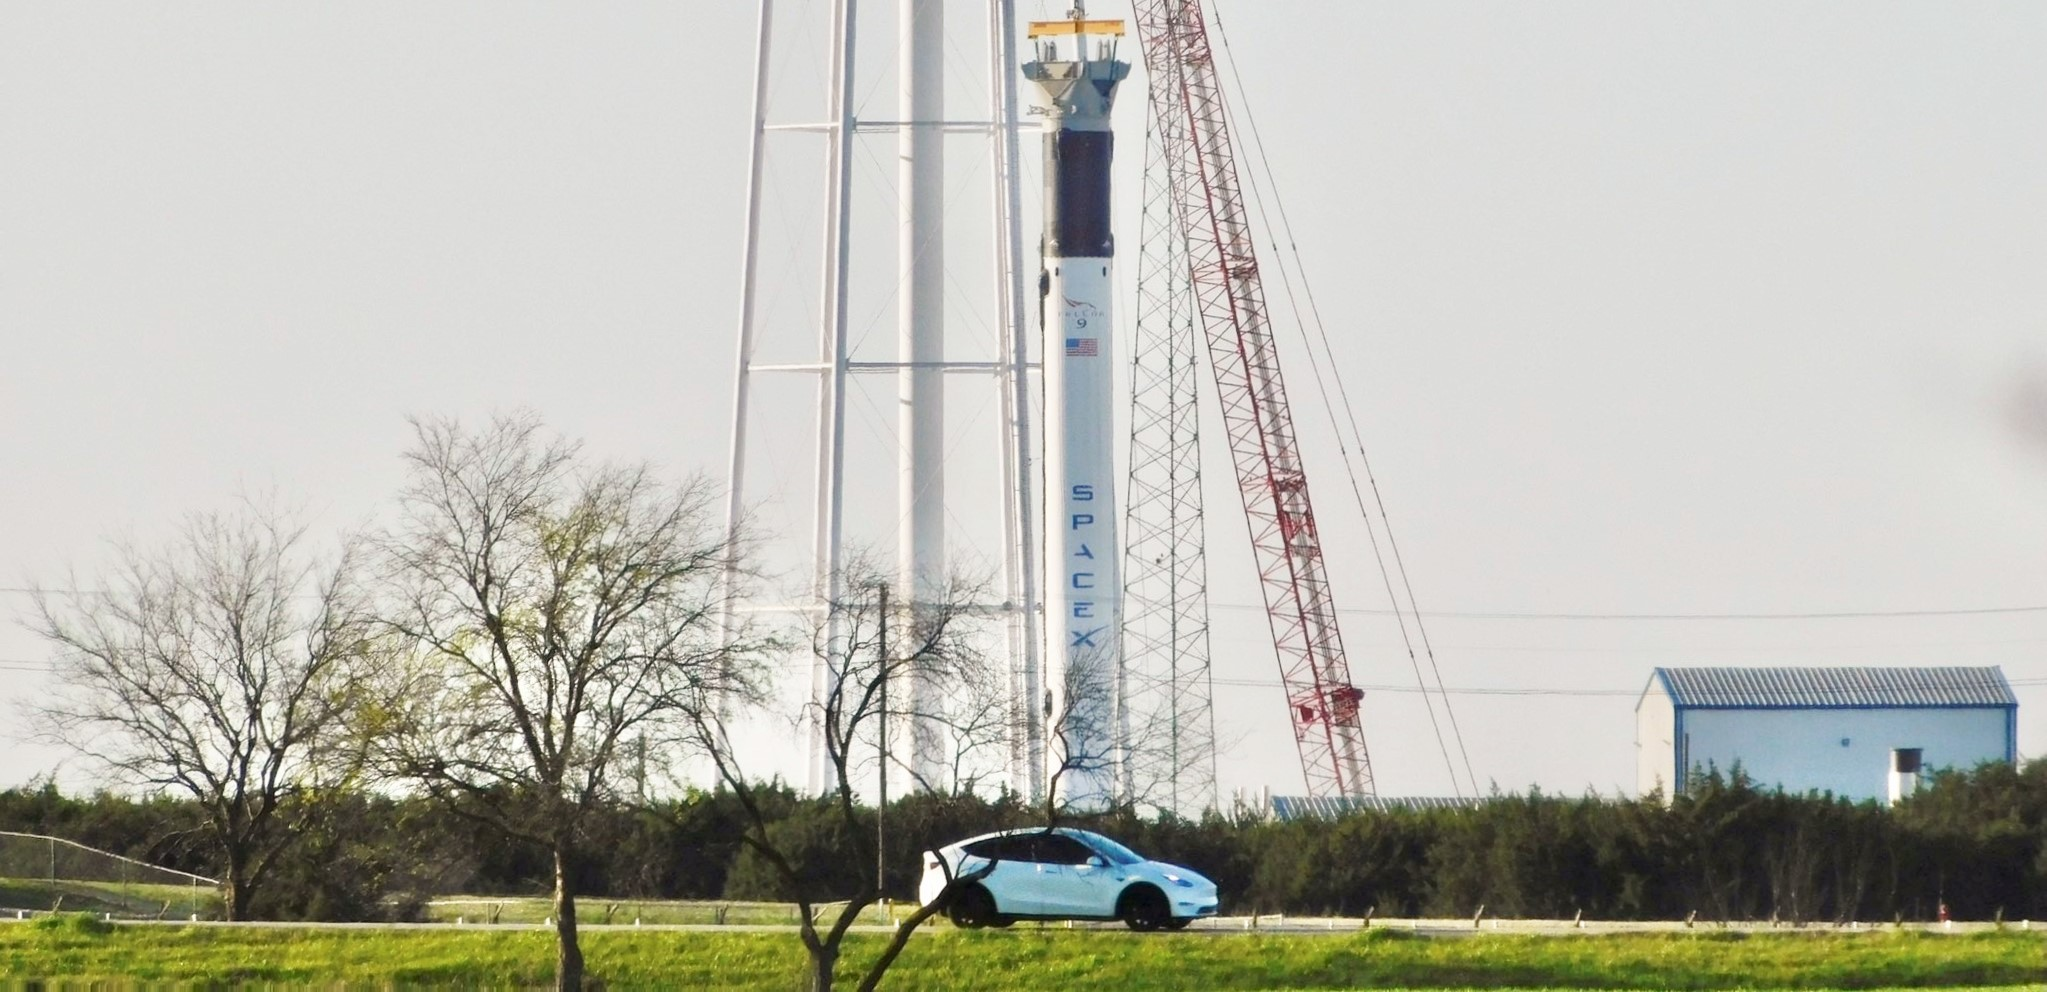 Falcon 9 B1067 vertical McGregor TX 032721 (Reagan – bluemoondance74) Tesla Model Y 1 crop